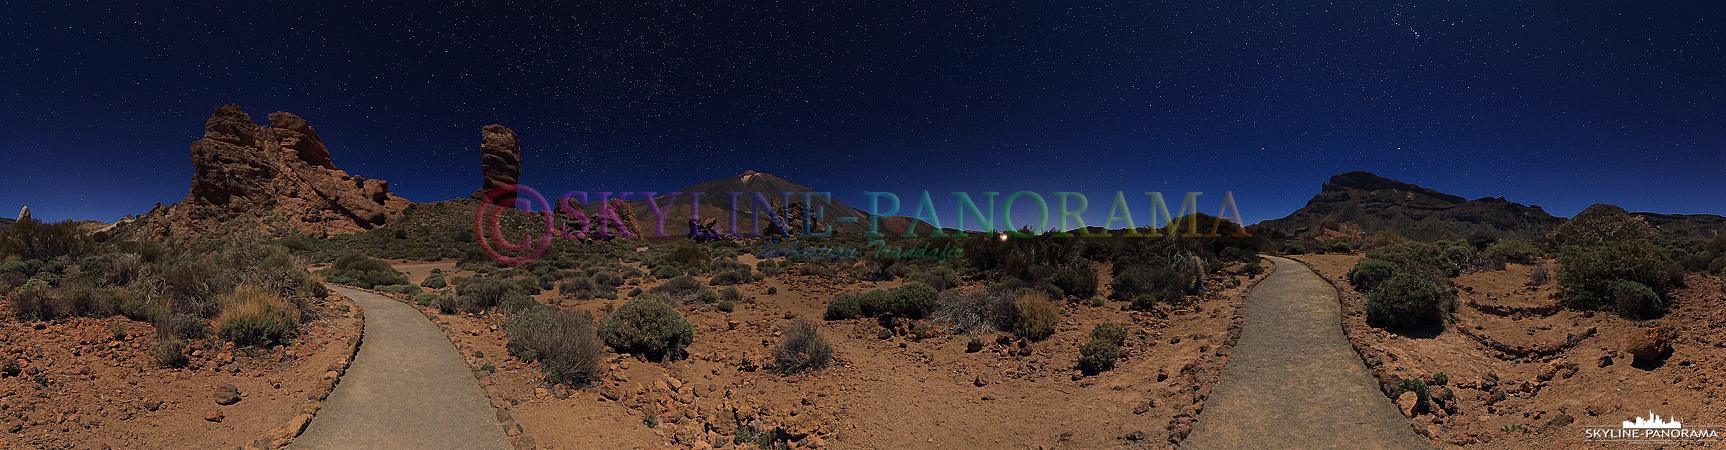 Der Sternenhimmel über Teneriffa im Teide Nationalpark, aufgenommen wurde das Panorama in einer sehr klaren Vollmondnacht am Finger Gottes.